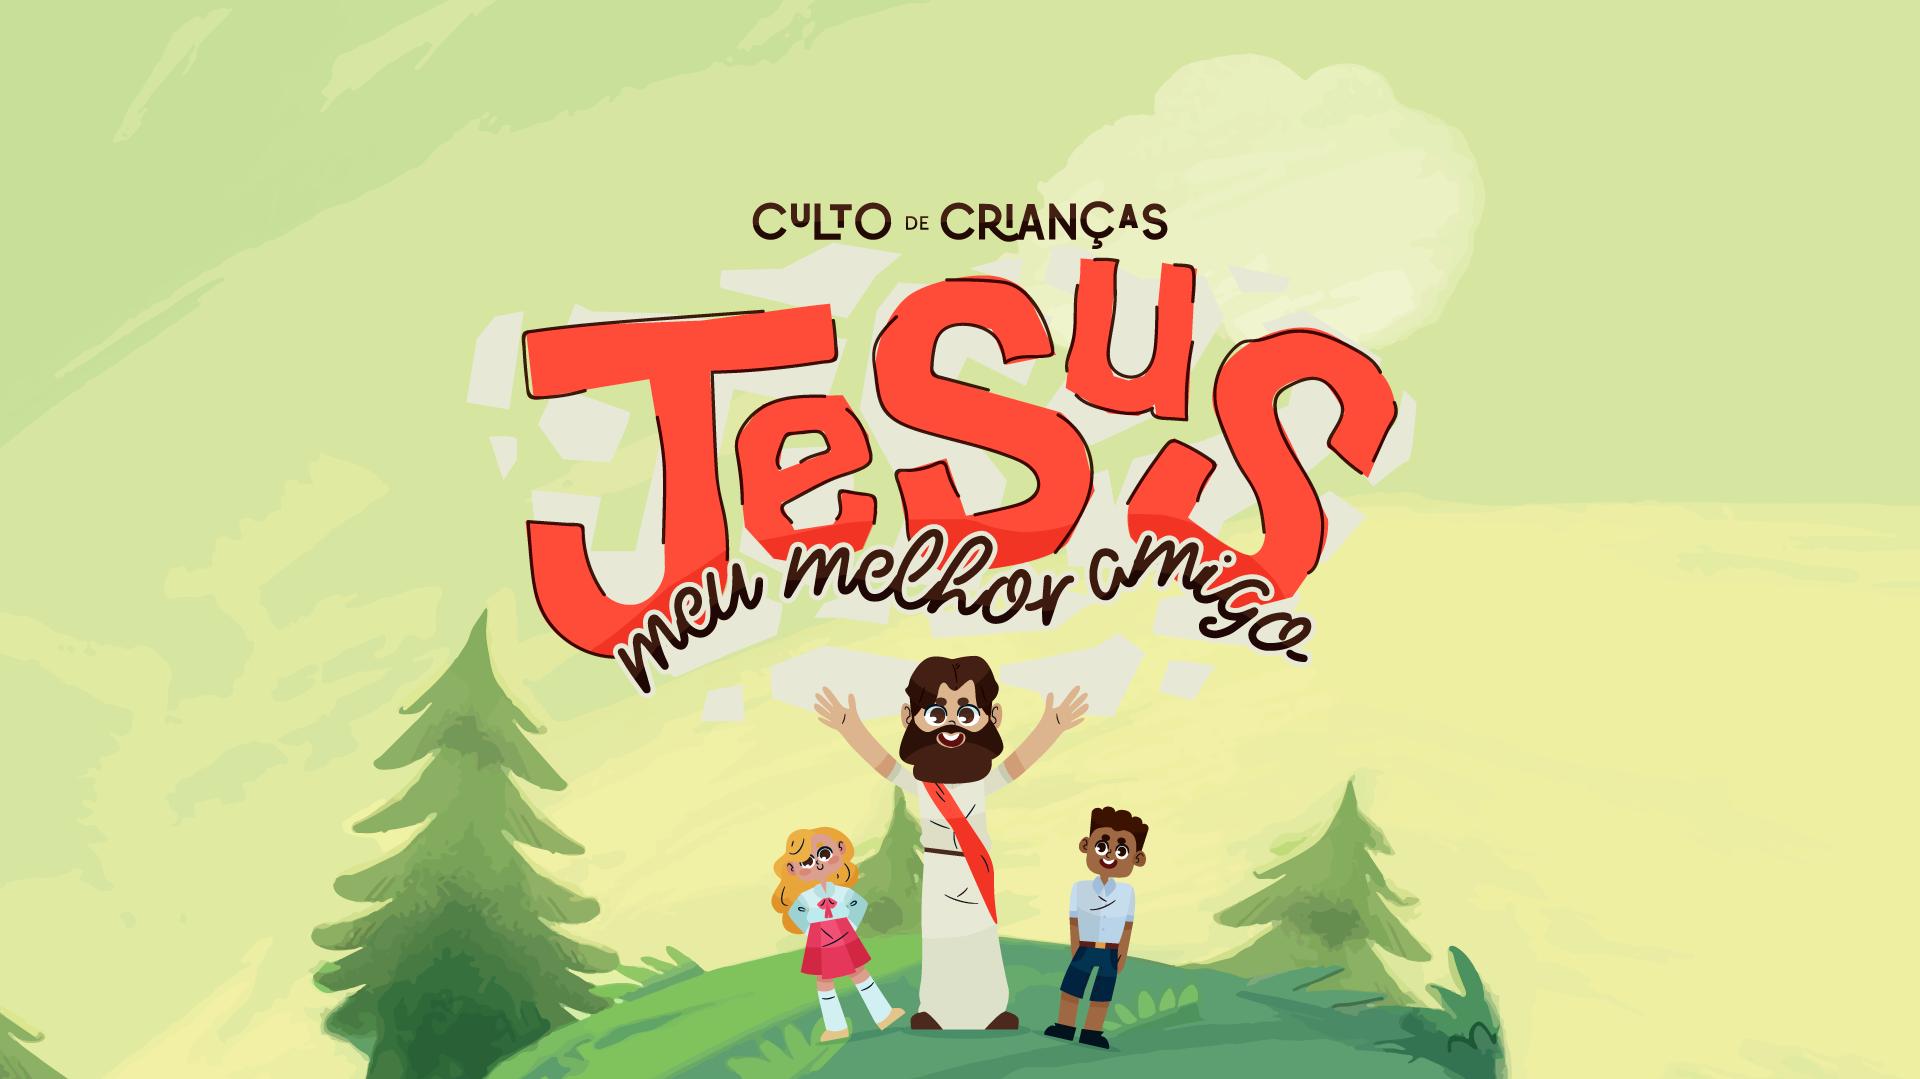 Culto Geral de Crianças (Presencial)